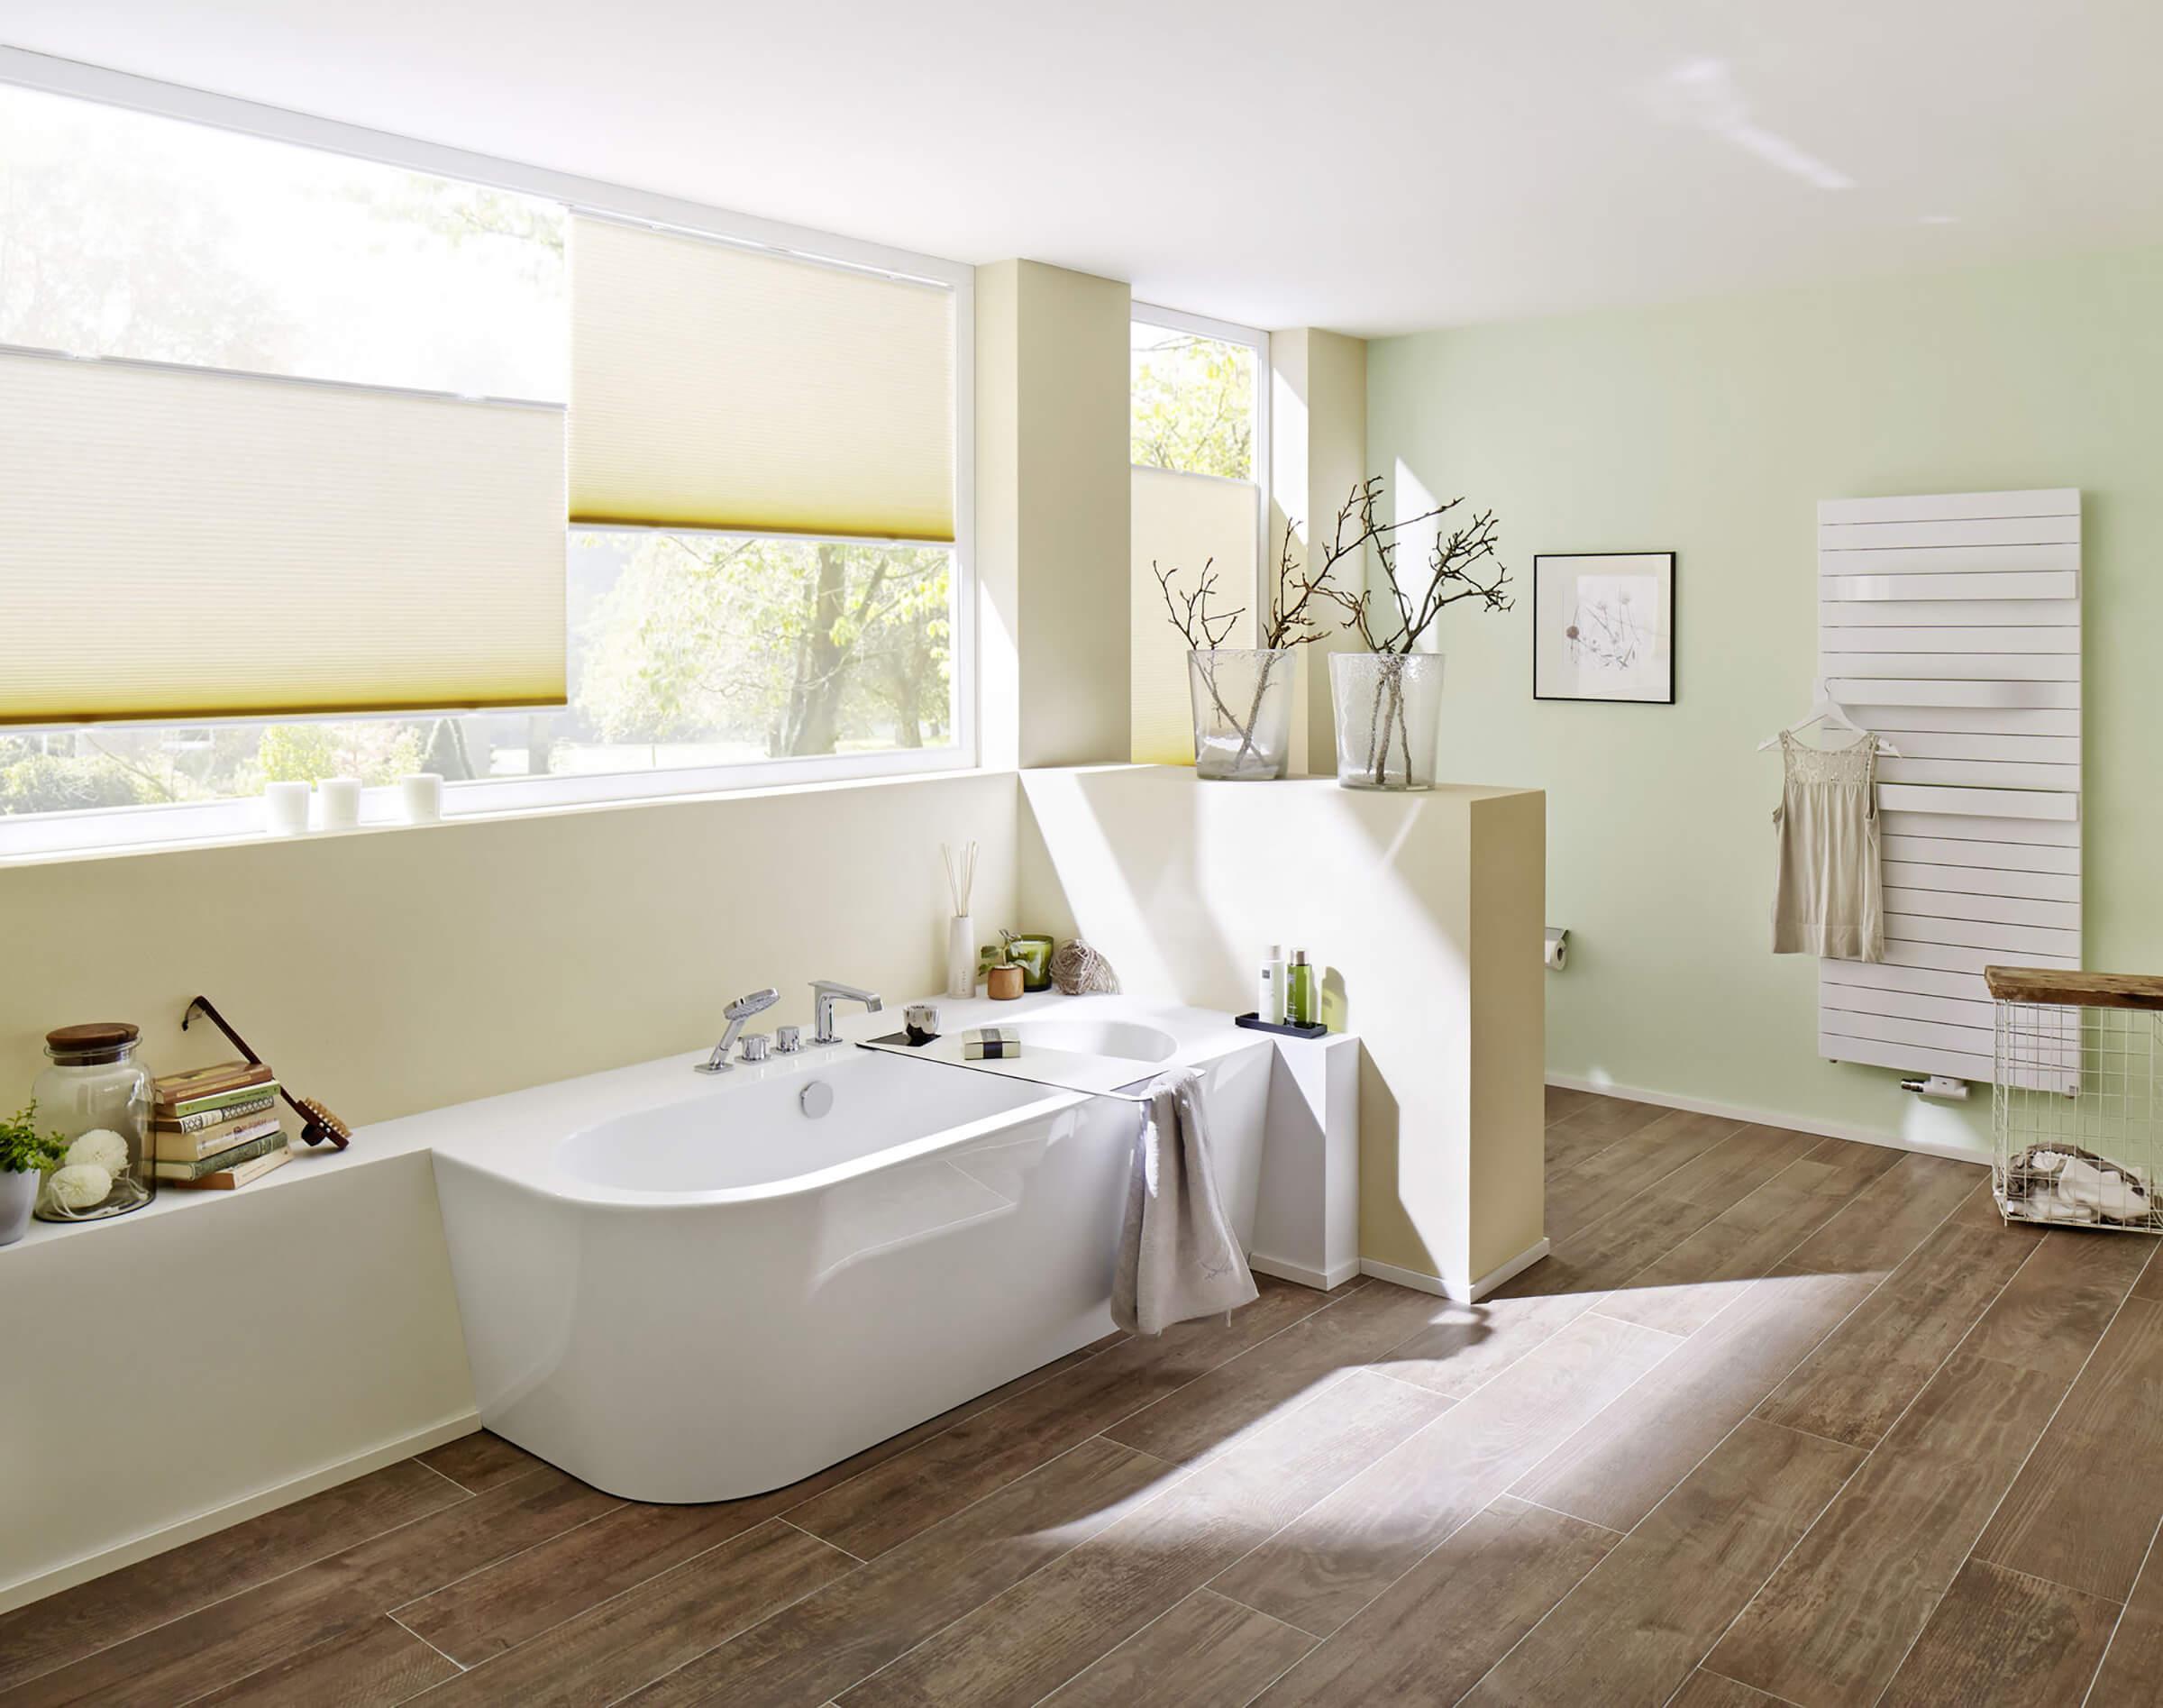 Cremefarbene Wabenplissees zum Sonnenschutz im Badezimmer